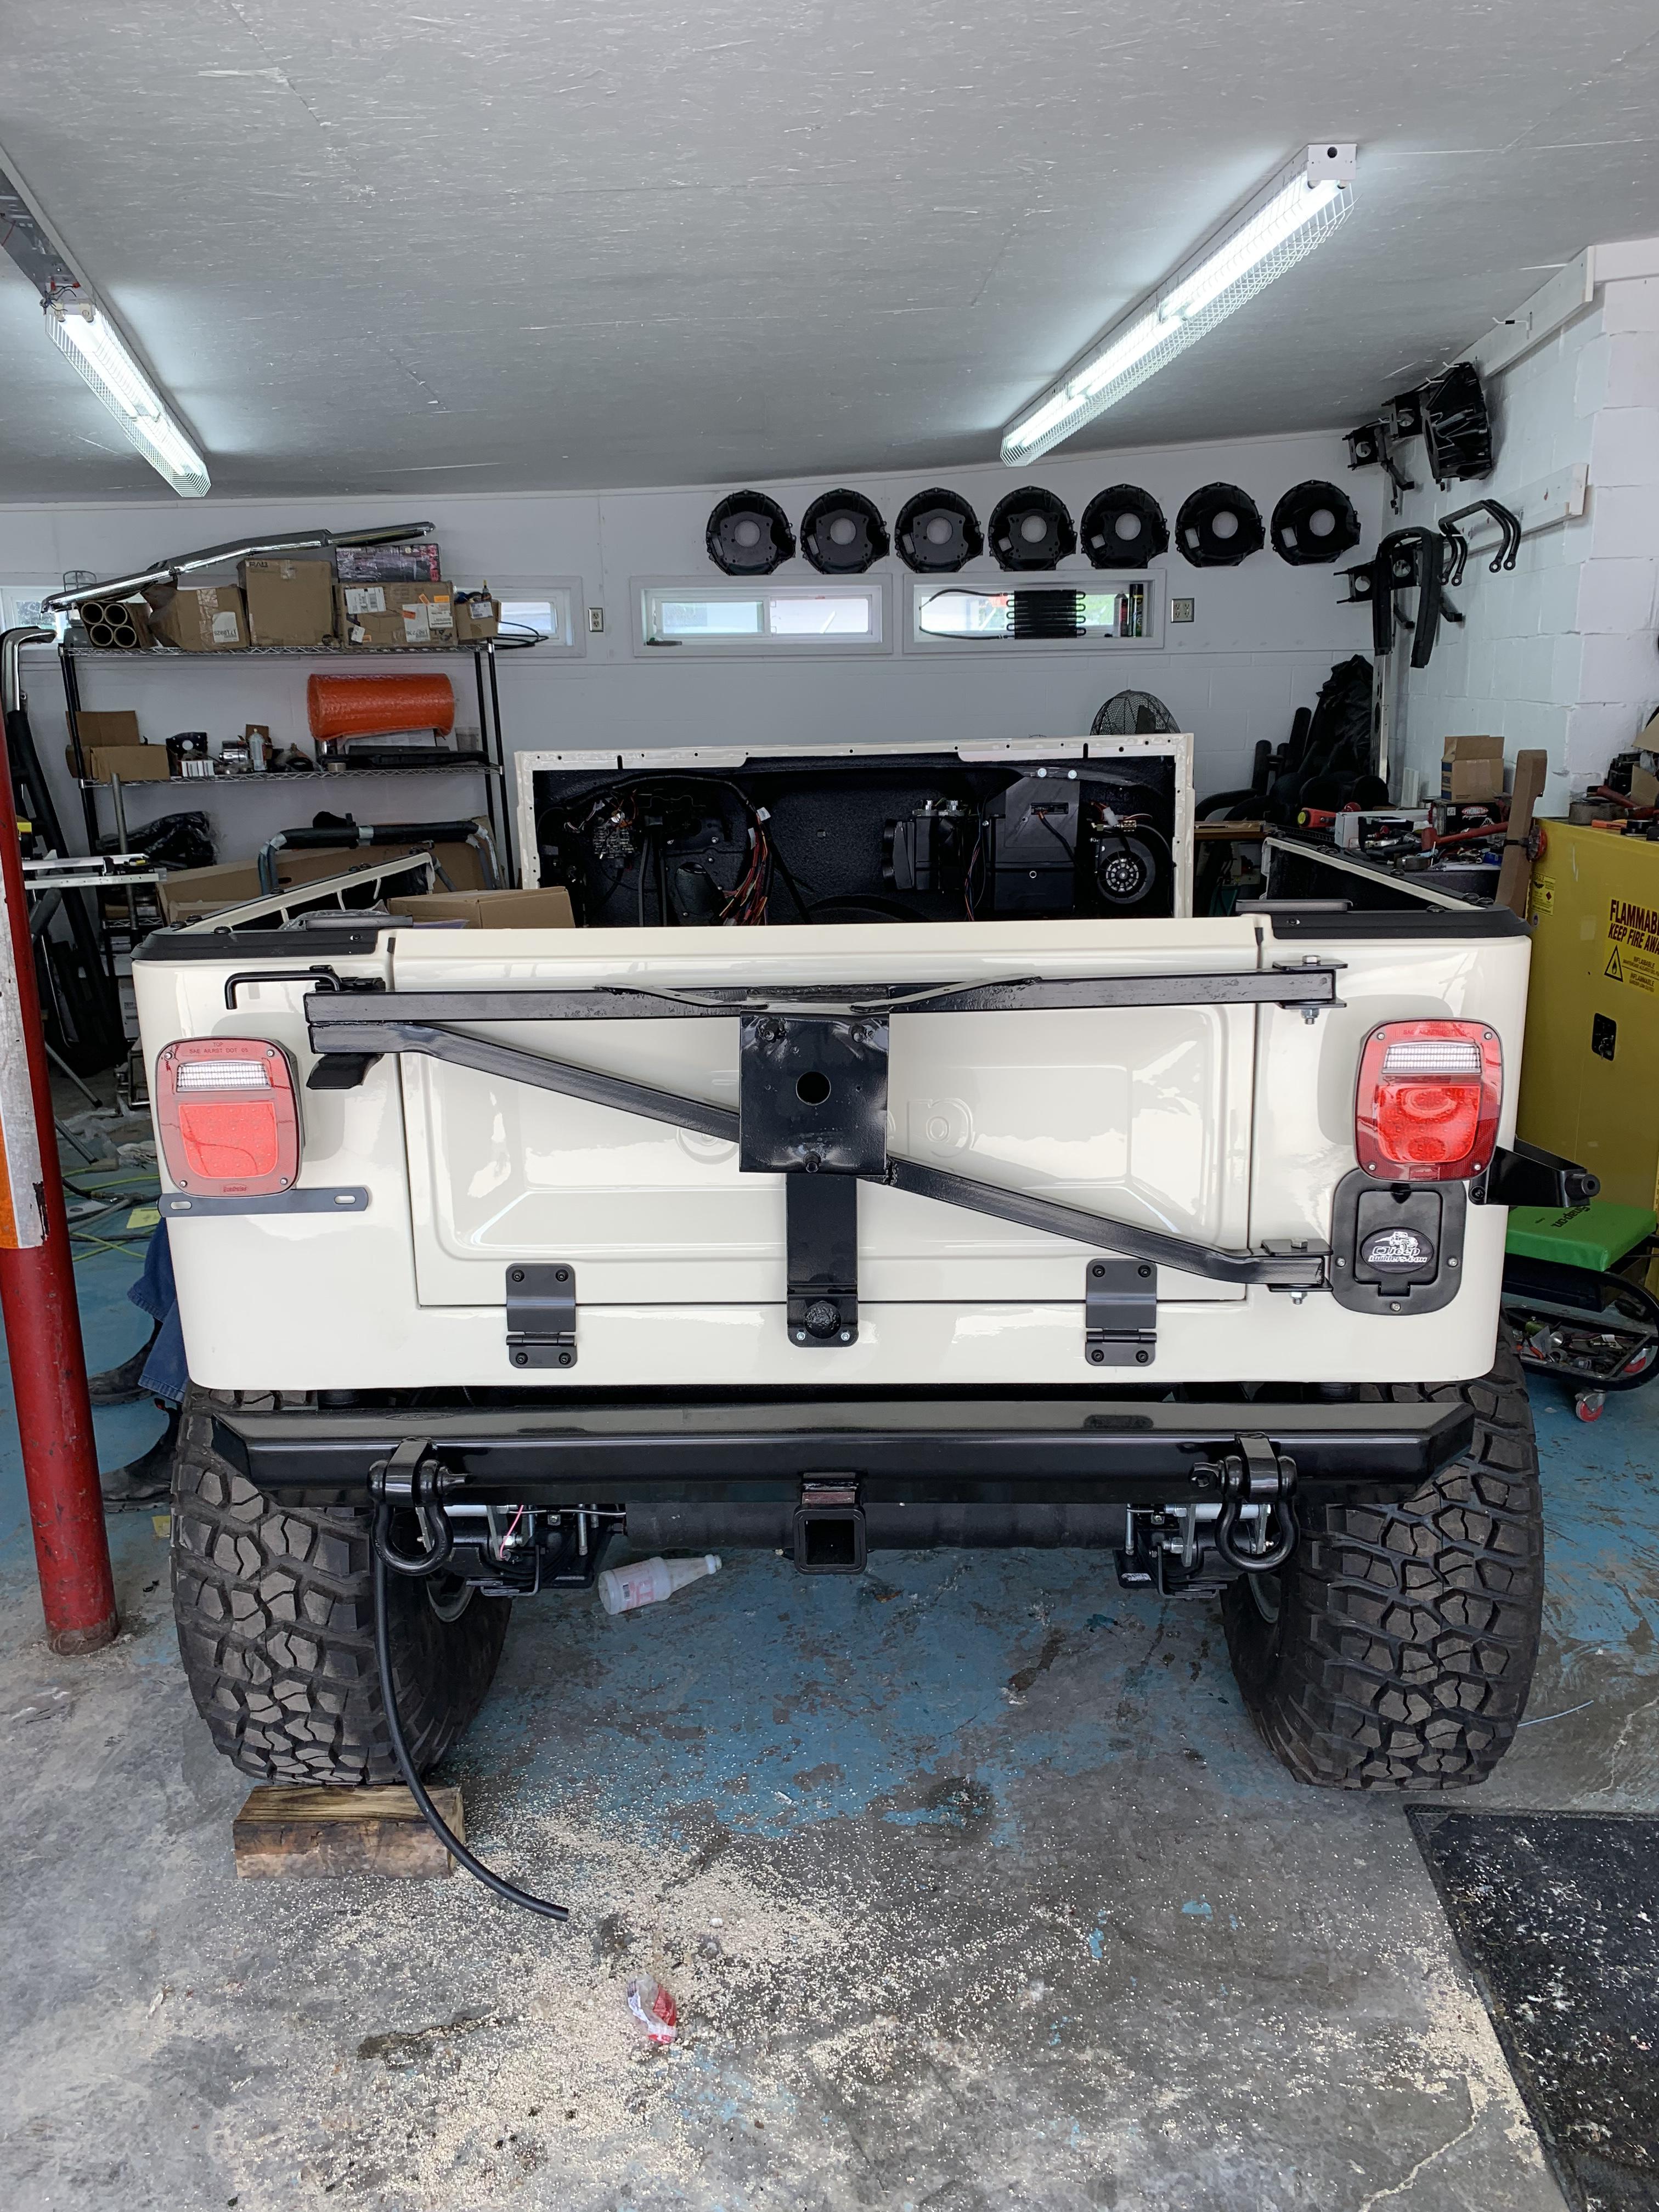 1984 Jeep CJ7 - White Thumbnail